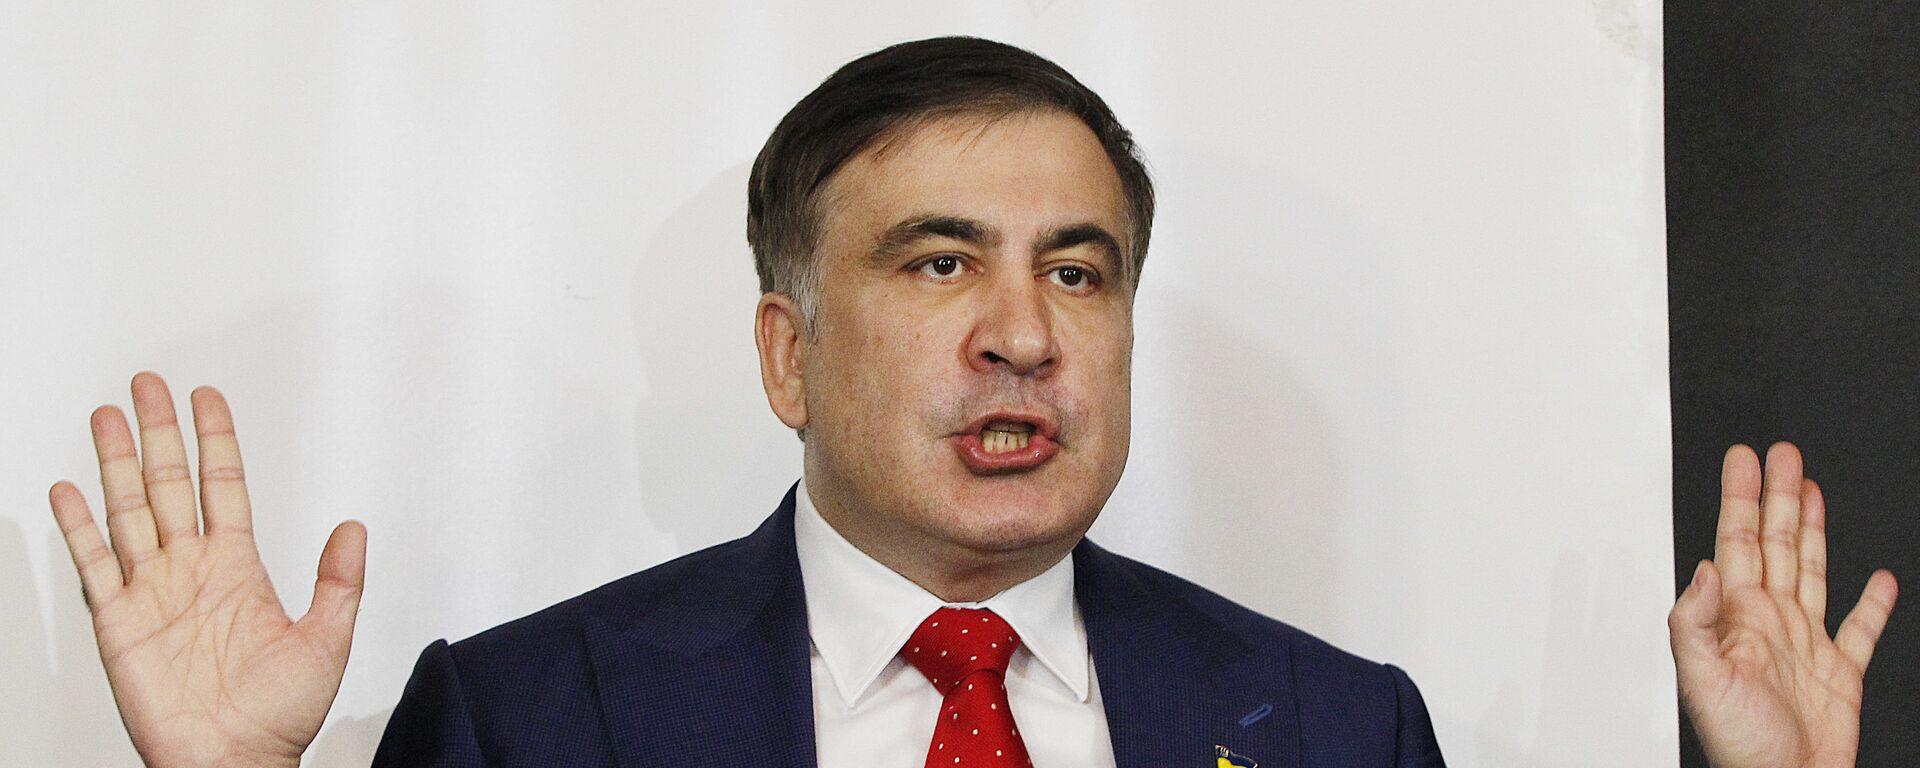 Ο πρώην πρόεδρος της Γεωργίας Μιχαήλ Σαακασβίλι - Sputnik Ελλάδα, 1920, 01.10.2021